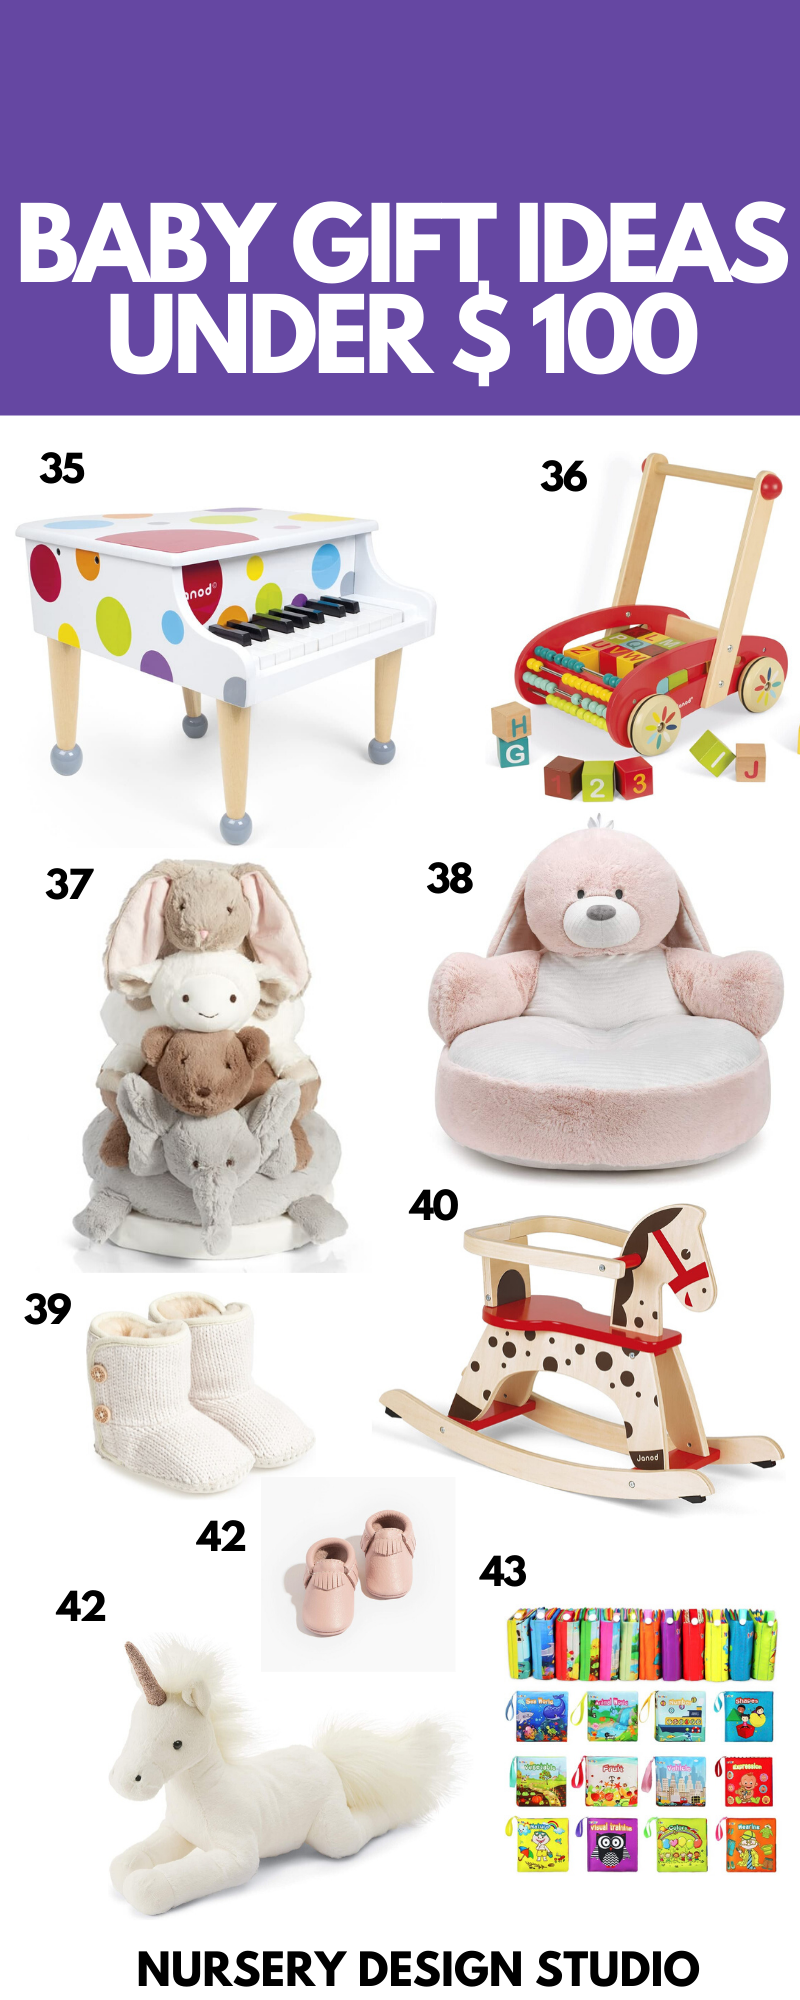 BABY GIFT IDEAS UNDER 100